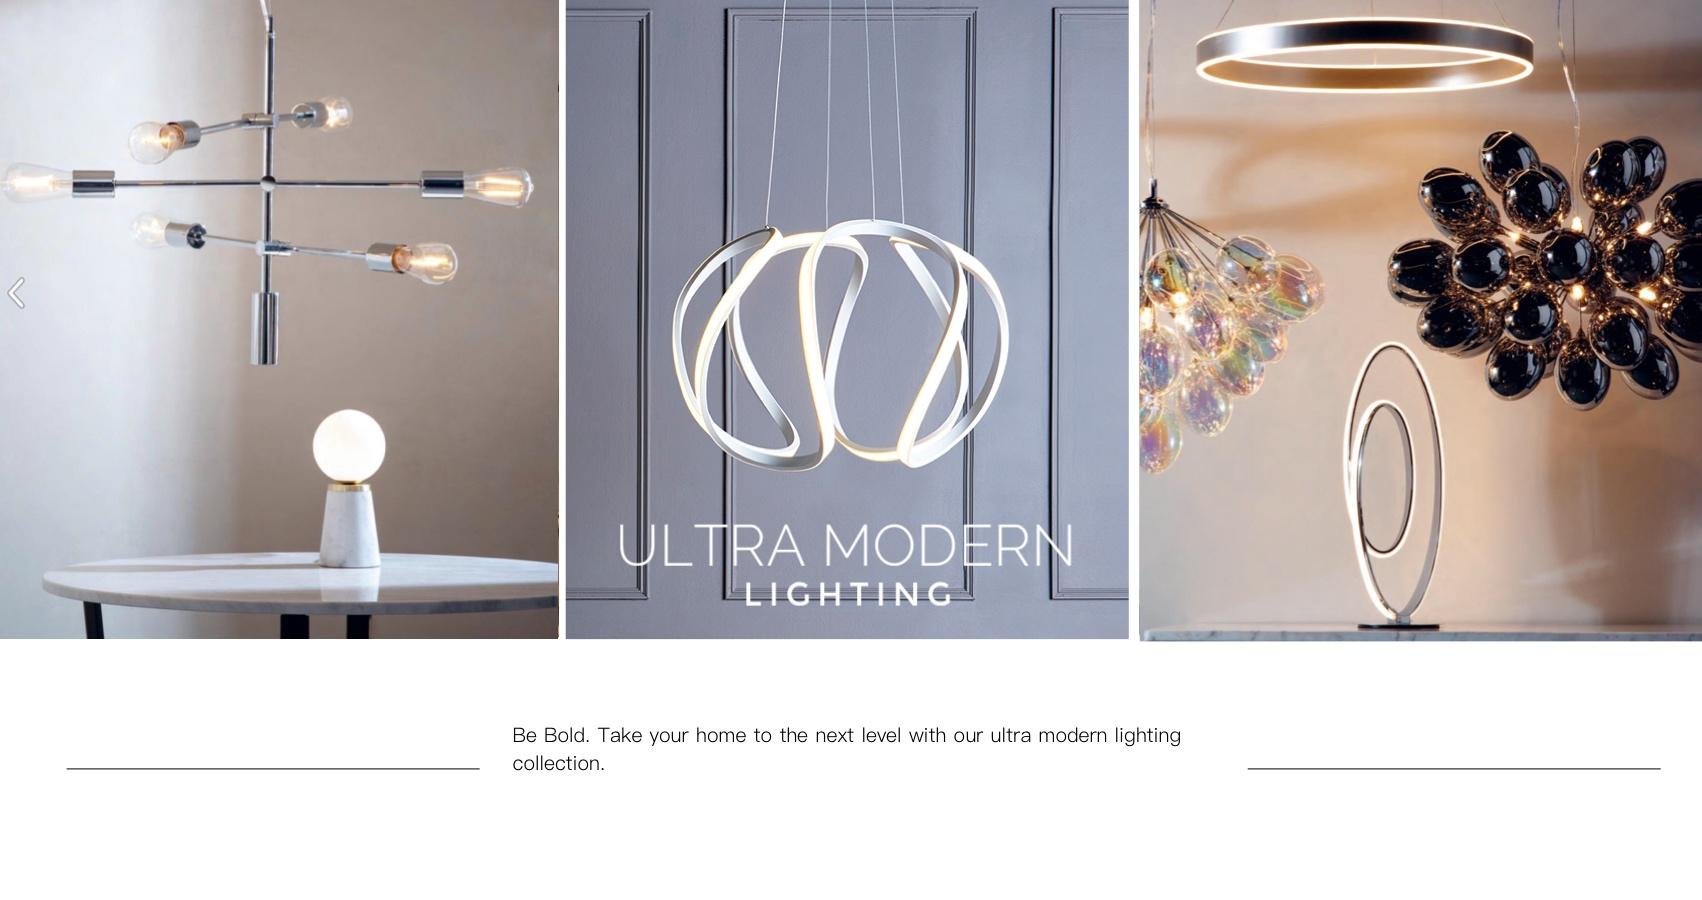 Ultra Modern Lighting Lightbox